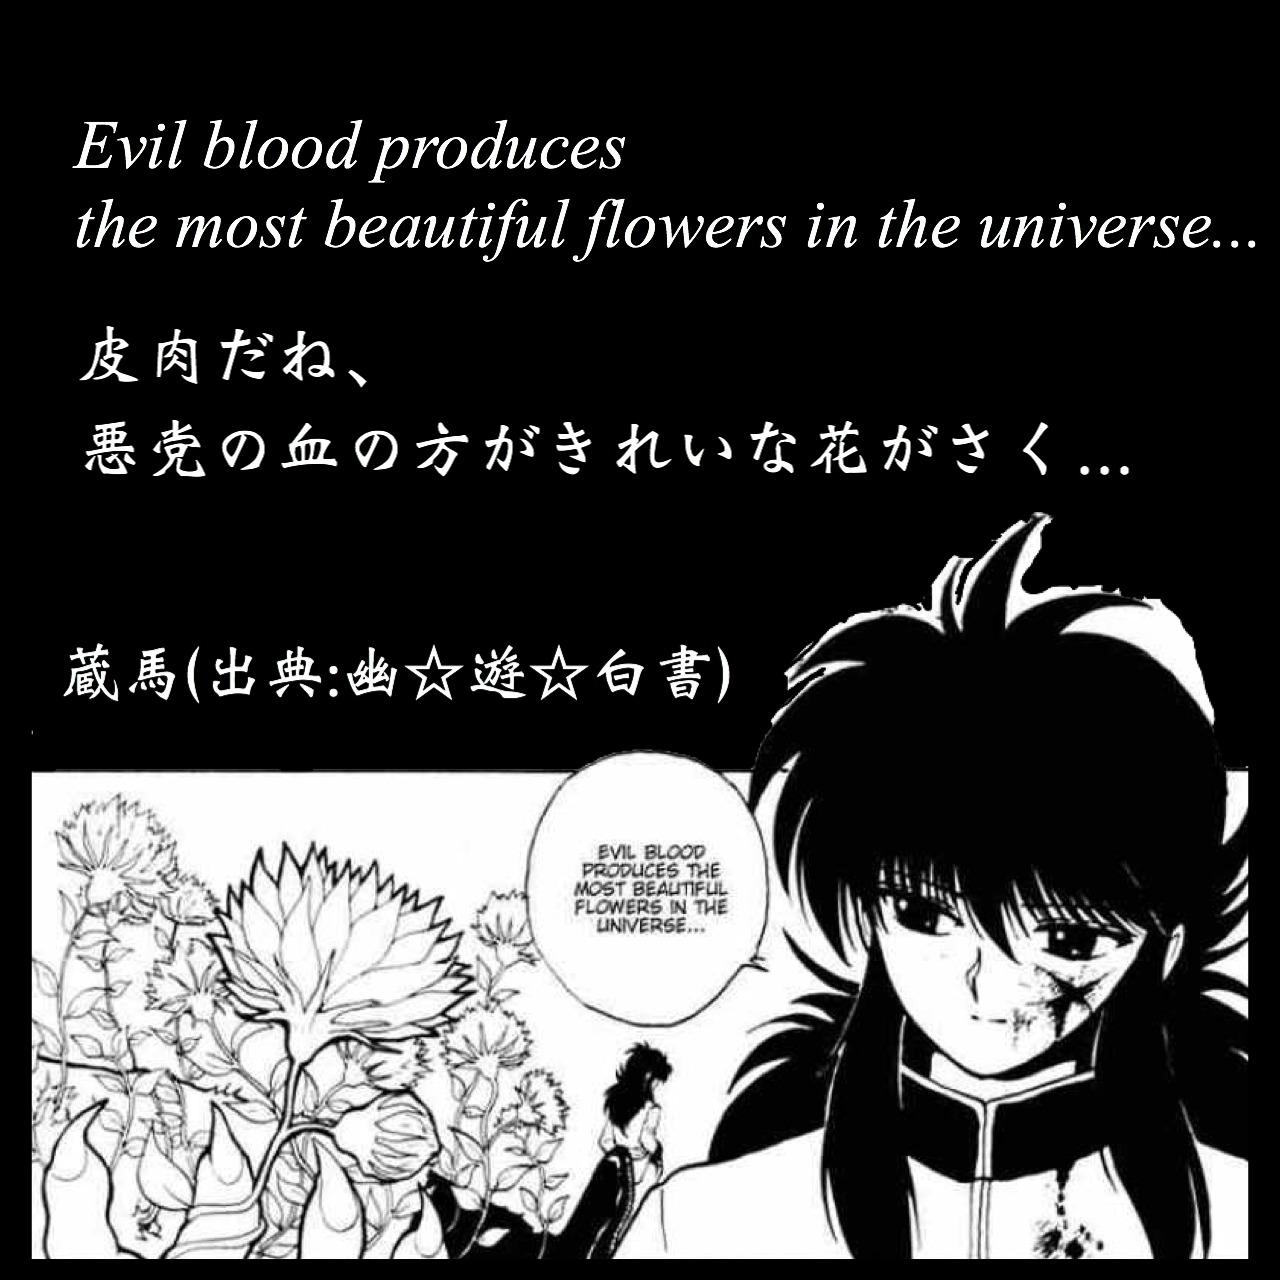 皮肉だね 悪党の血の方がきれいな花がさく / 蔵馬(出典:幽遊白書)